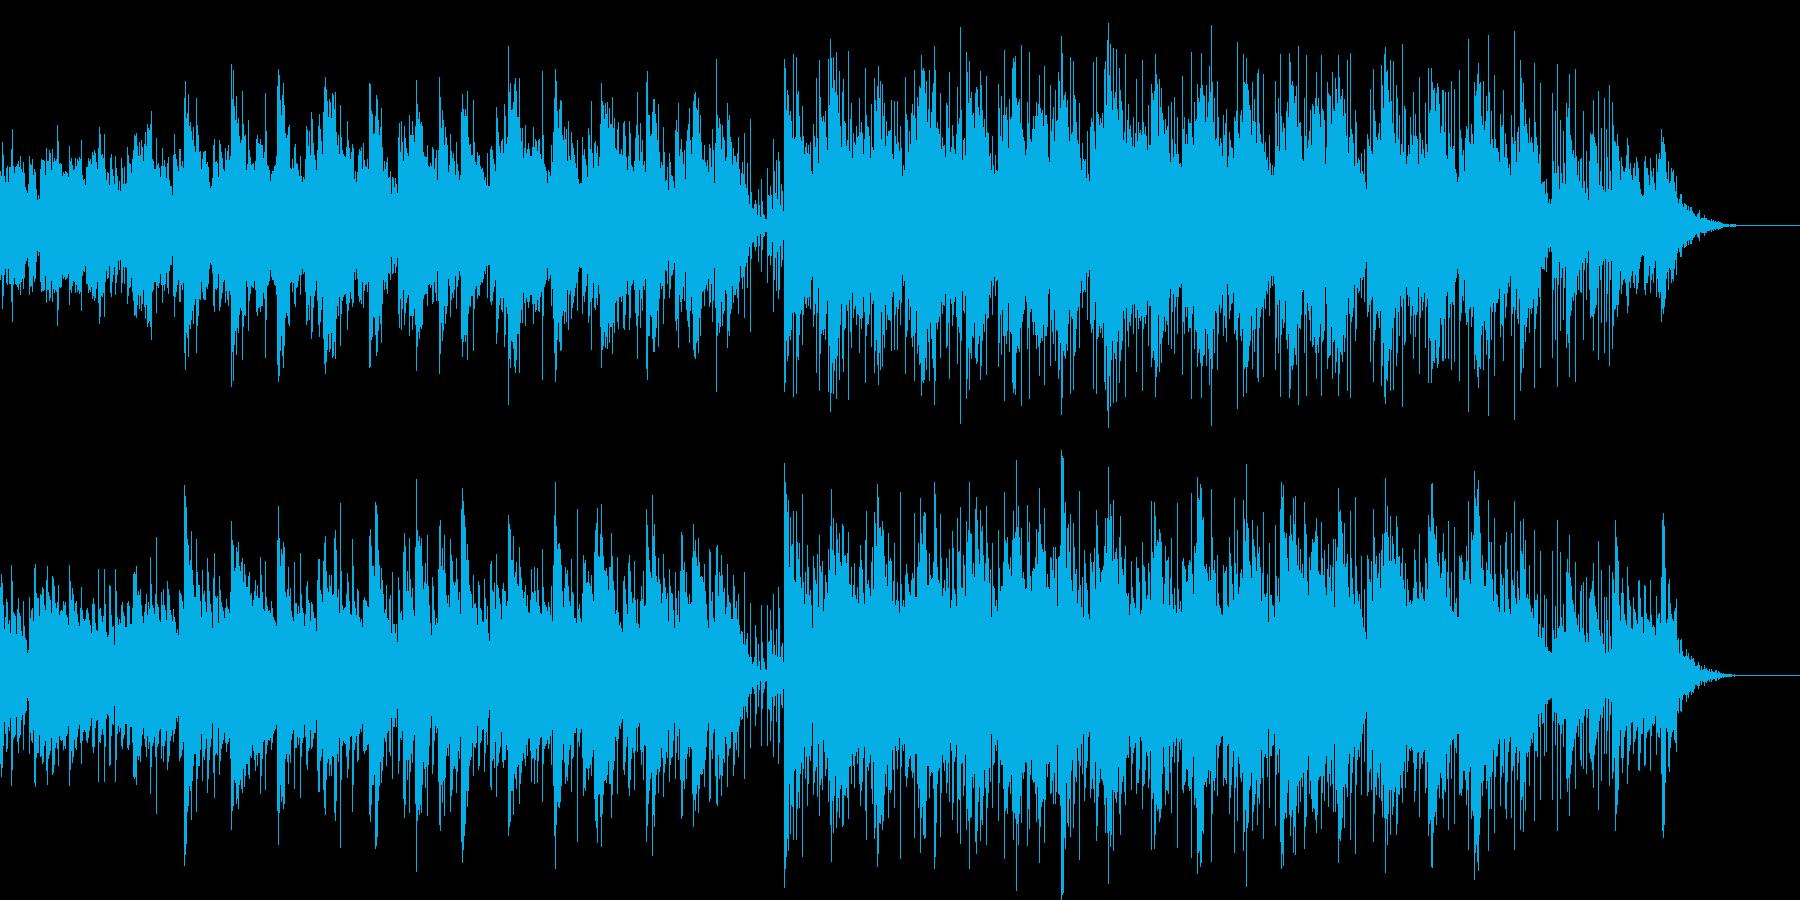 ストリーミング ハッピー EDM ピアノの再生済みの波形